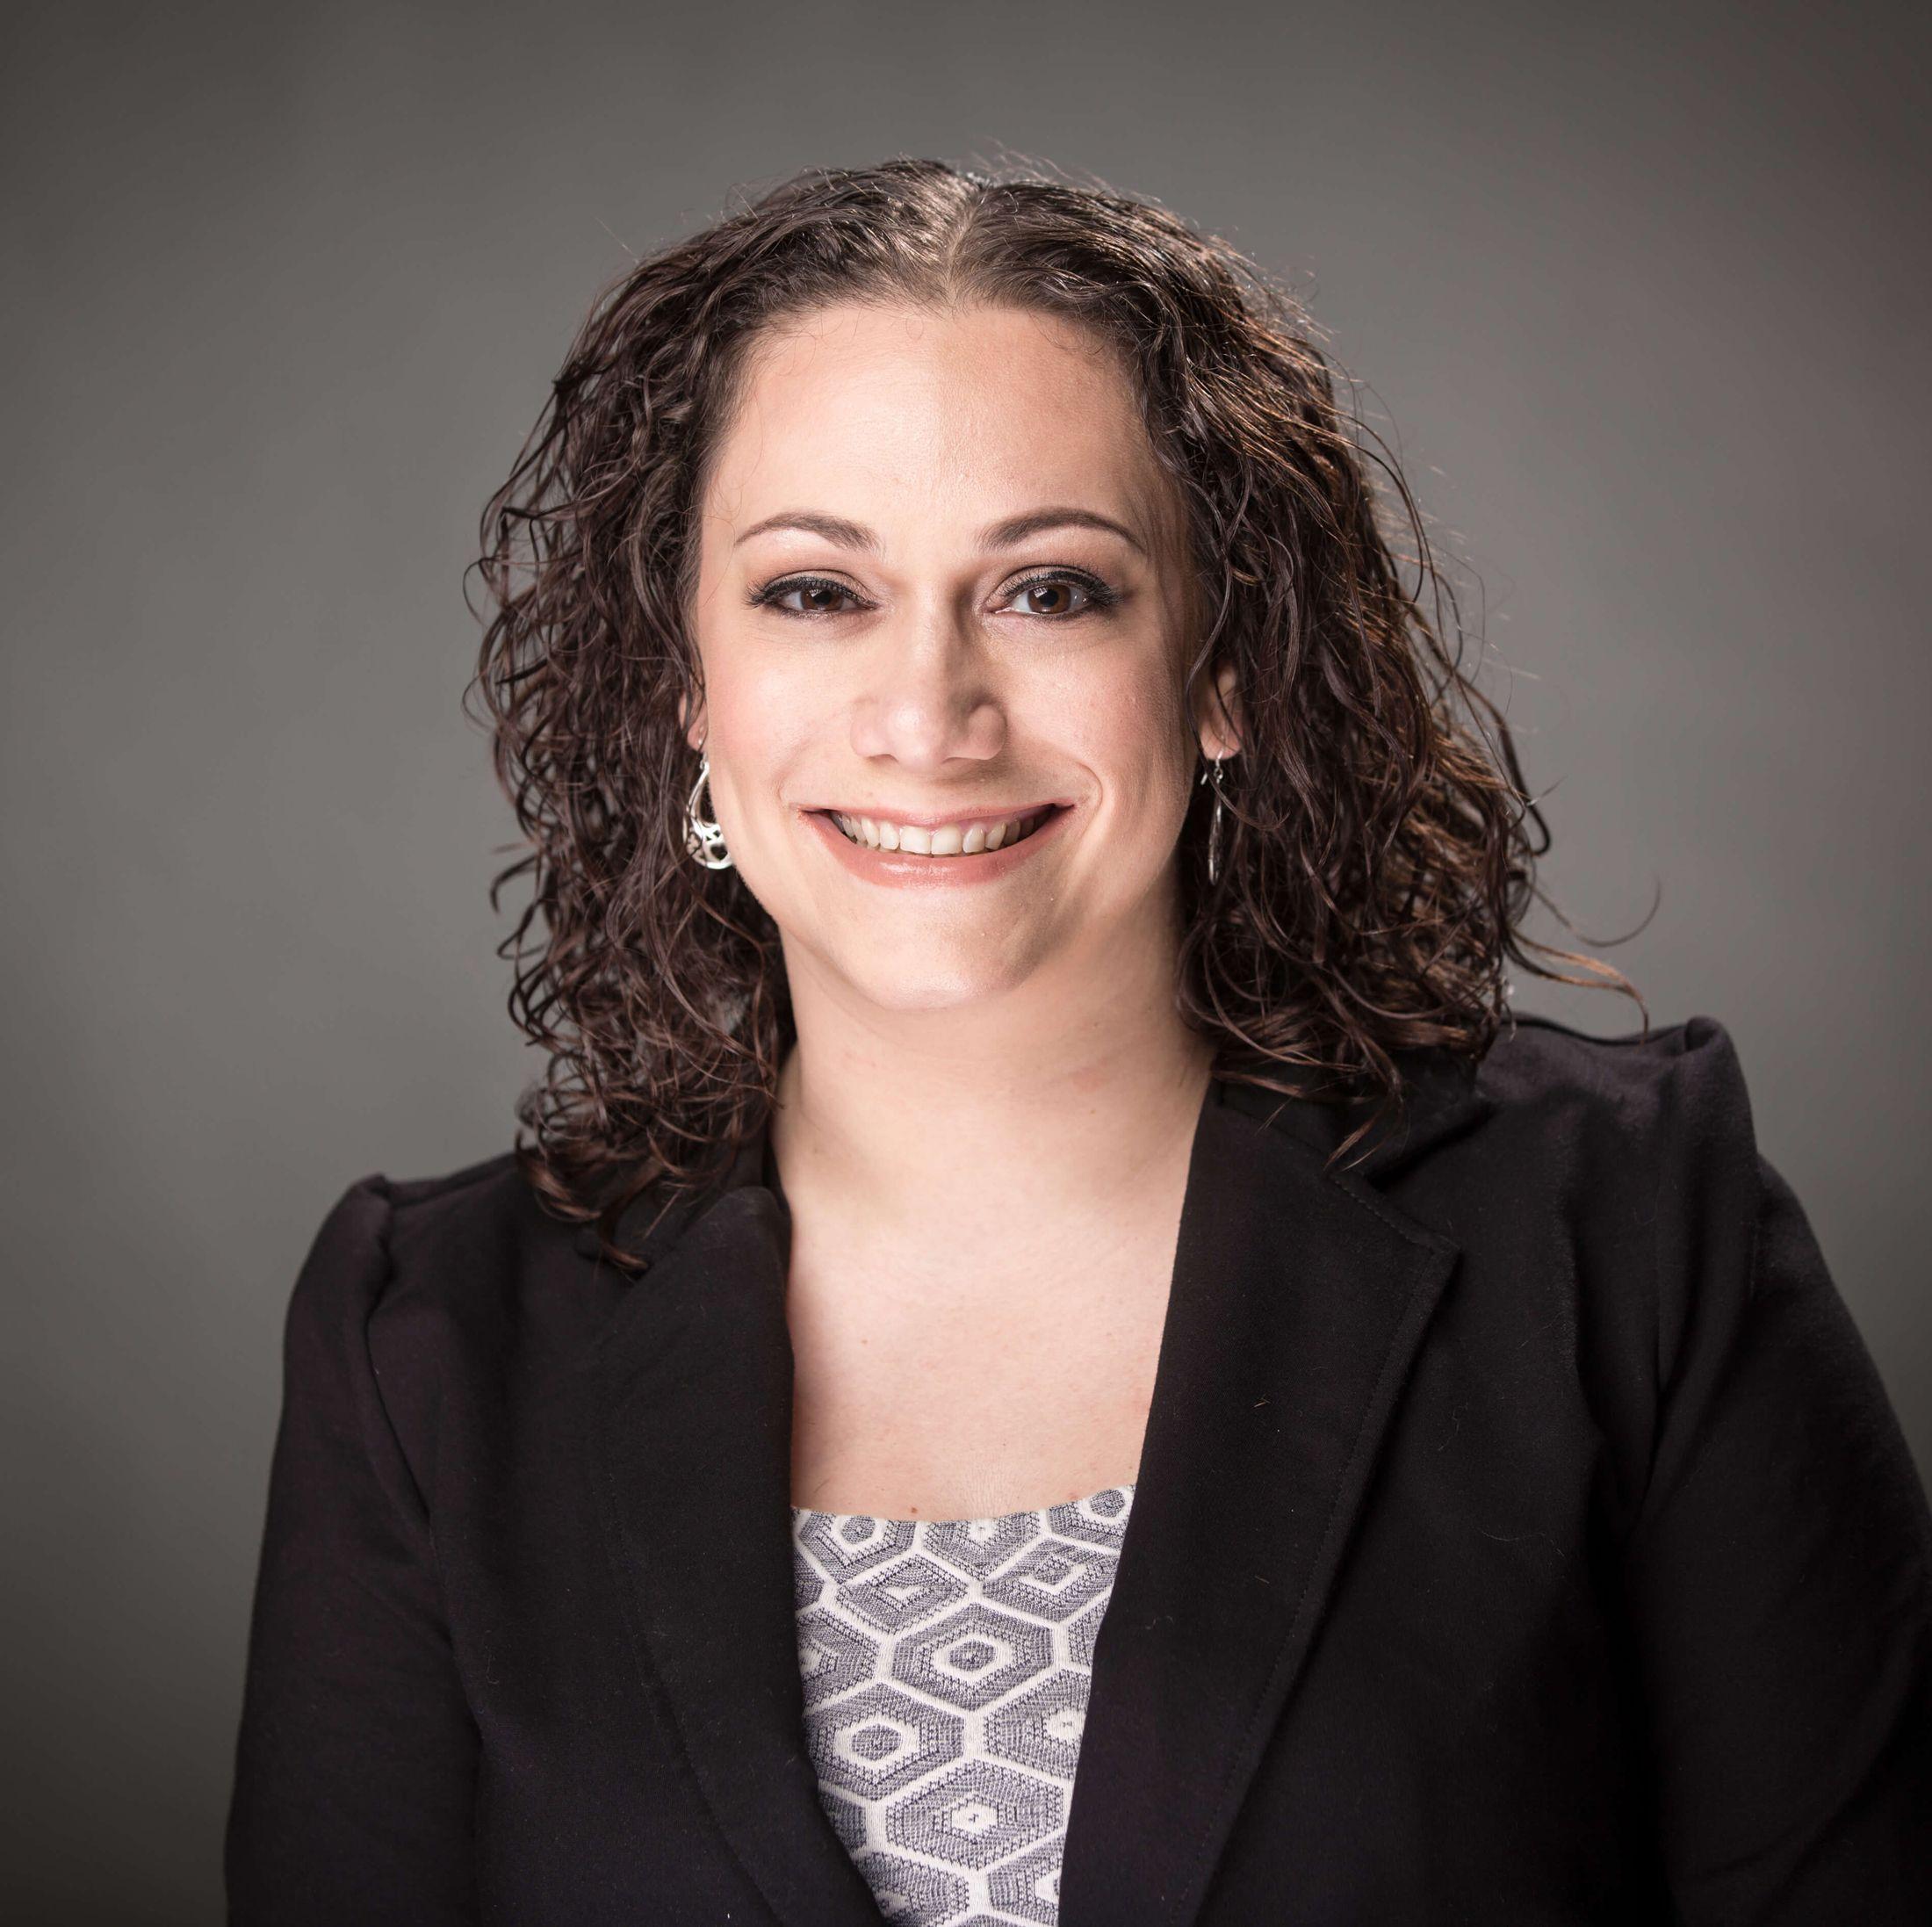 Debra Farber | Privacy Expert & Habitu8 Advisor